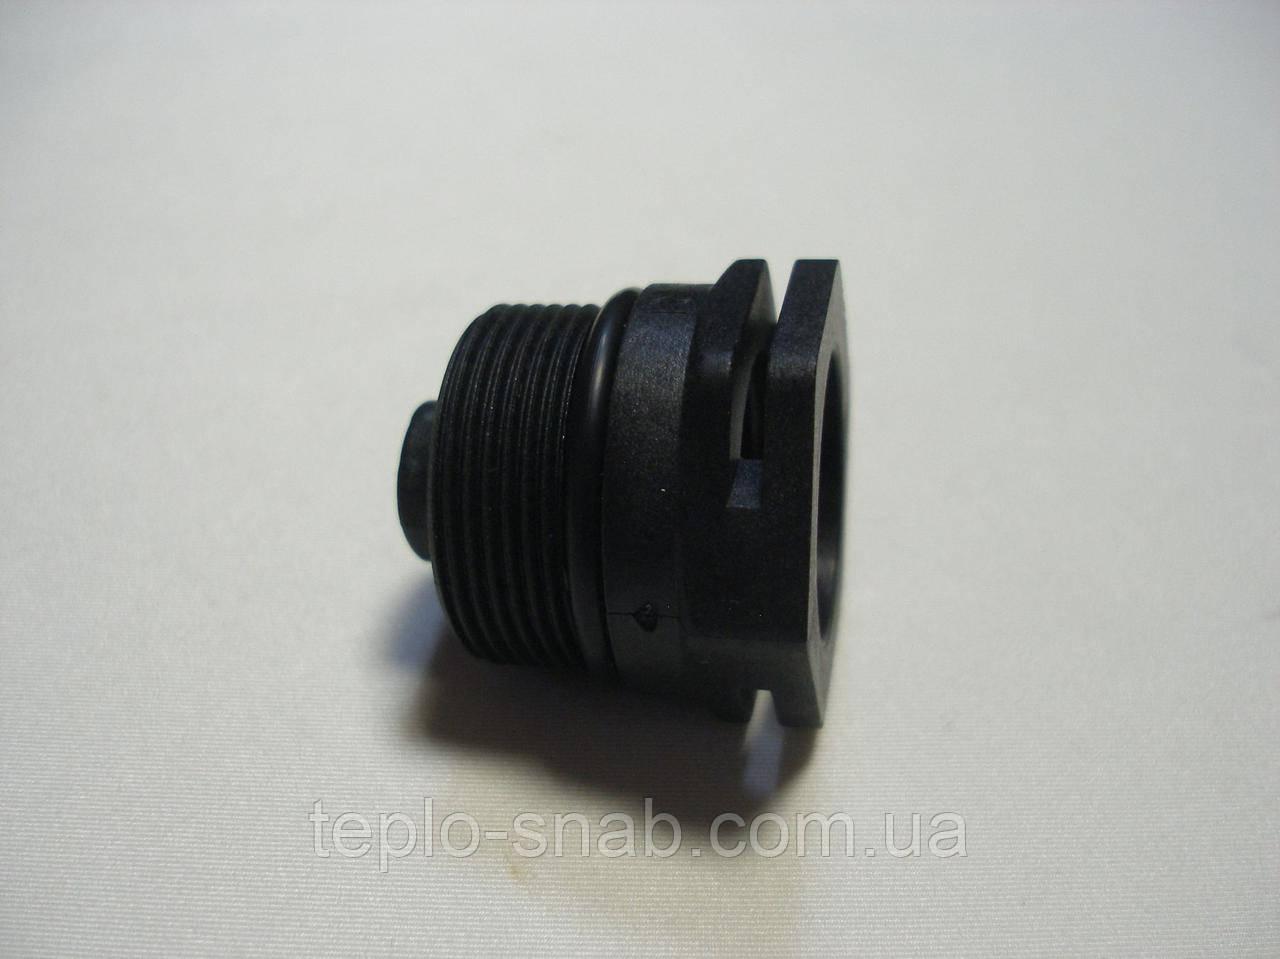 Зажимная гайка (крышка сальник) 3-х ходового клапана Protherm Рысь. 0020118728, Demrad Atron. D003202388